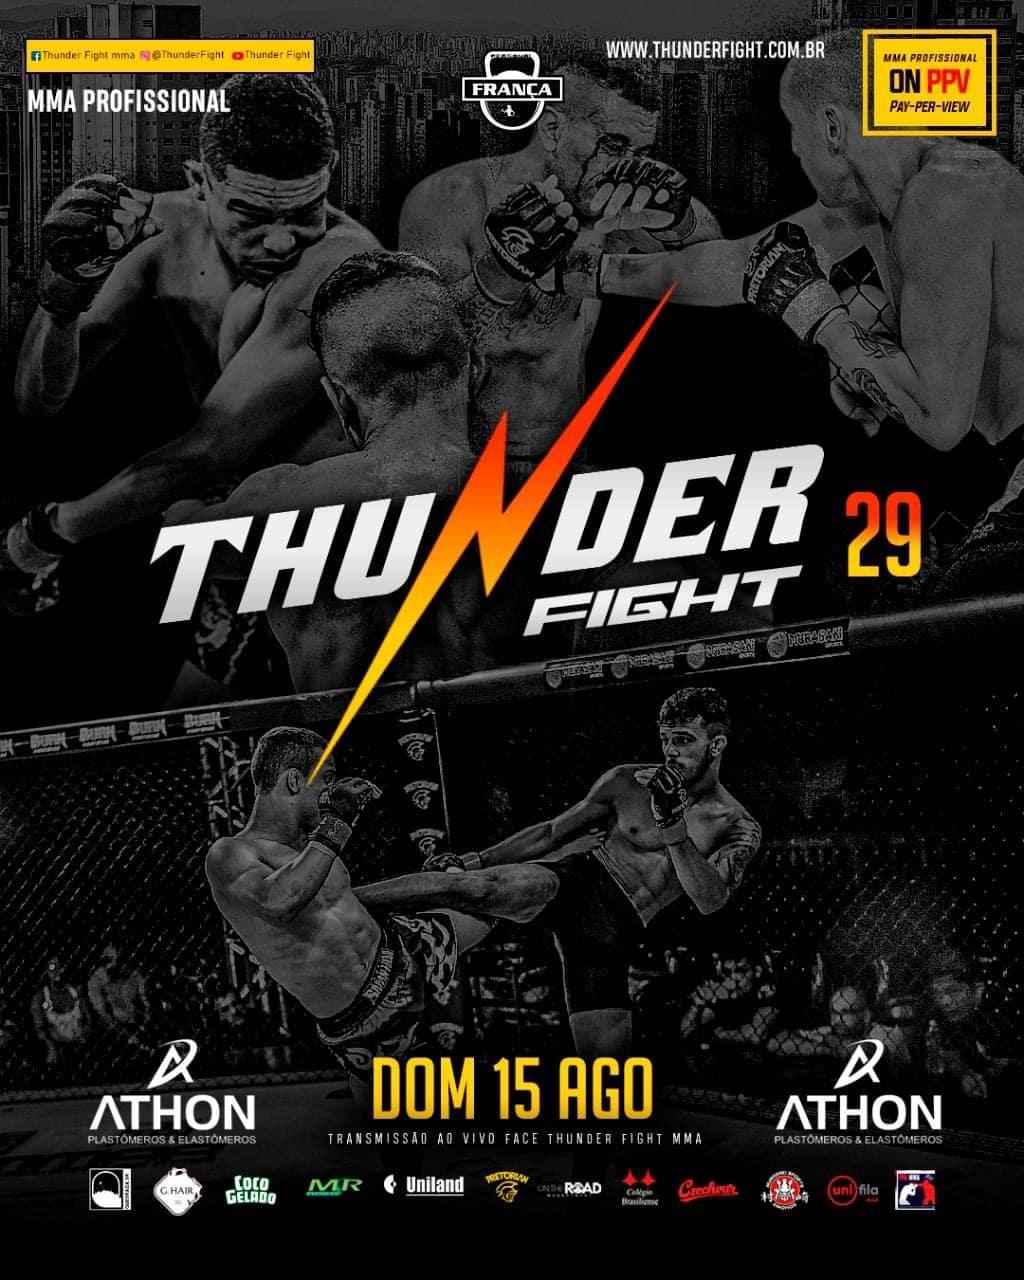 Inicialmente, faremos uma viagem no tempo para você conhecer um pouco sobre o Thunder Fight, essa grande companhia onde já passaram grandes lutadores